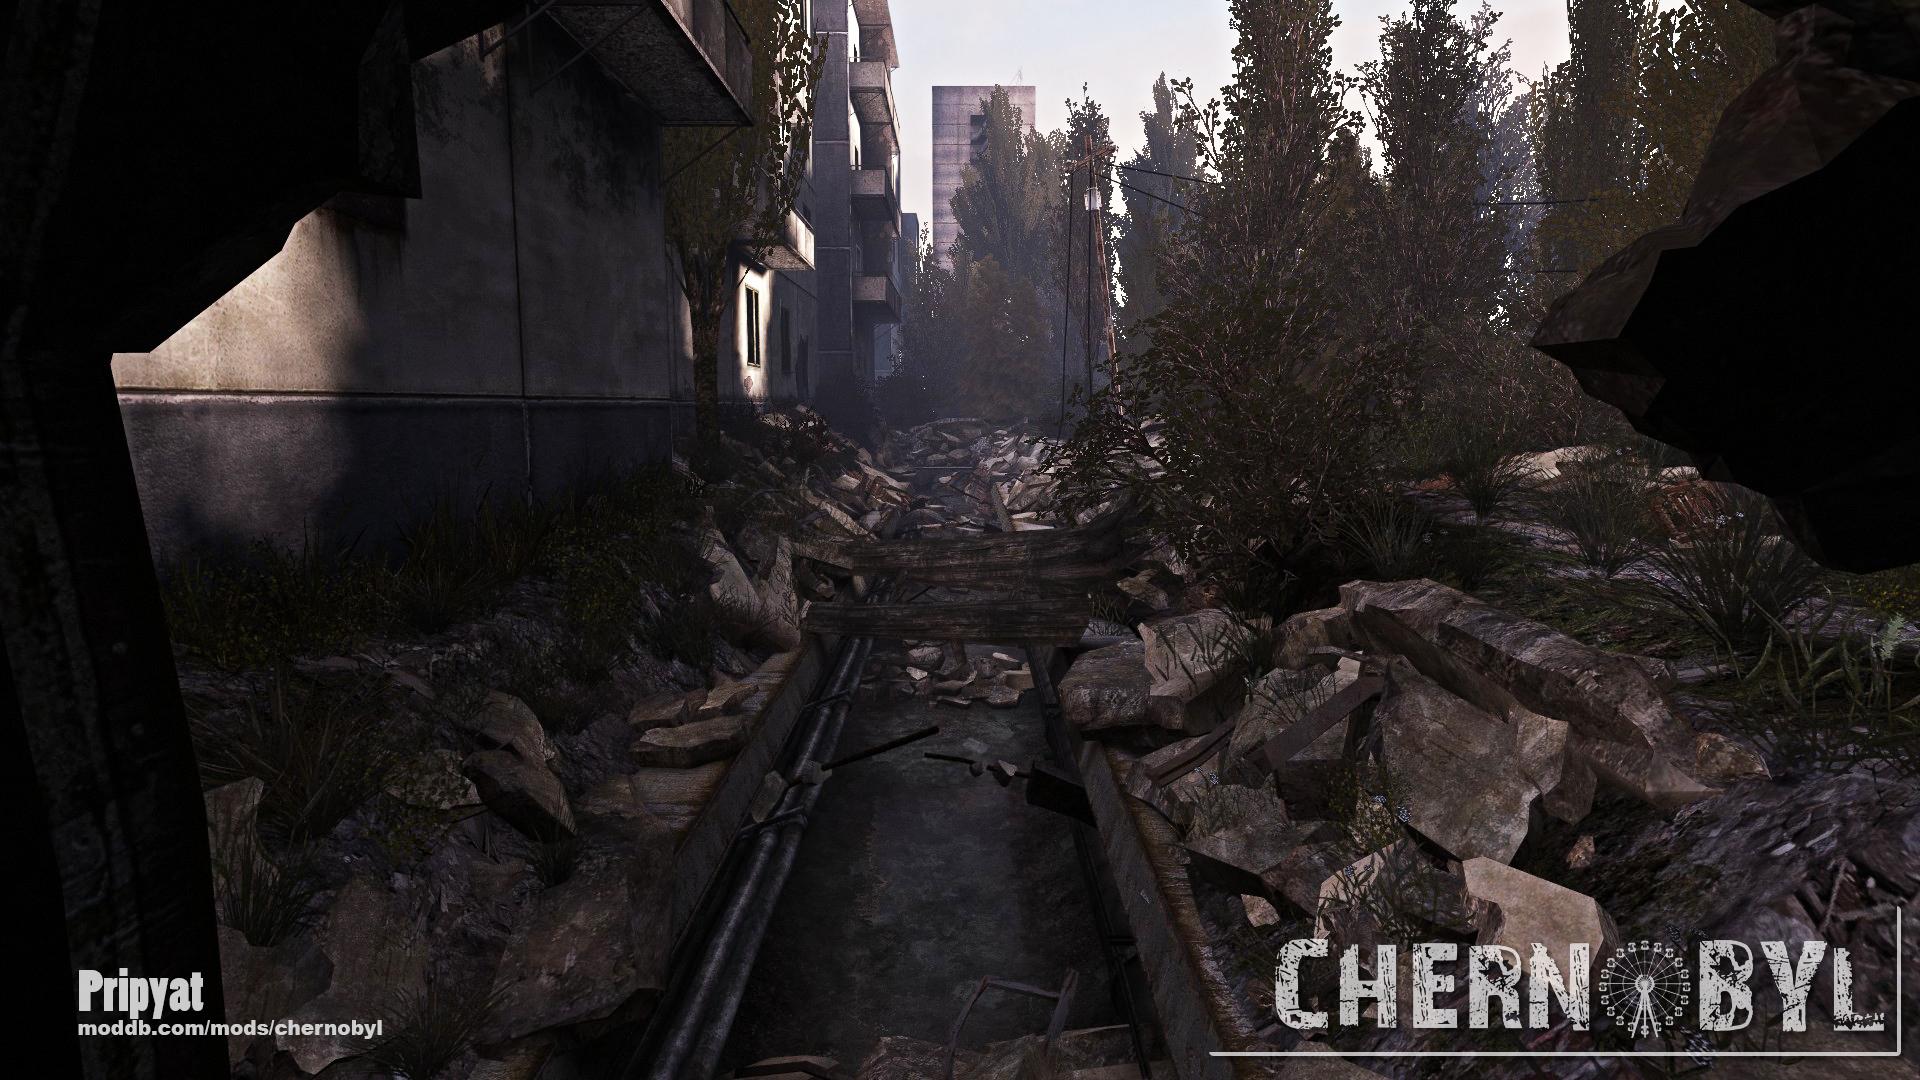 Pripyat image - Chernobyl mod for Left 4 Dead 2 - Mod DB